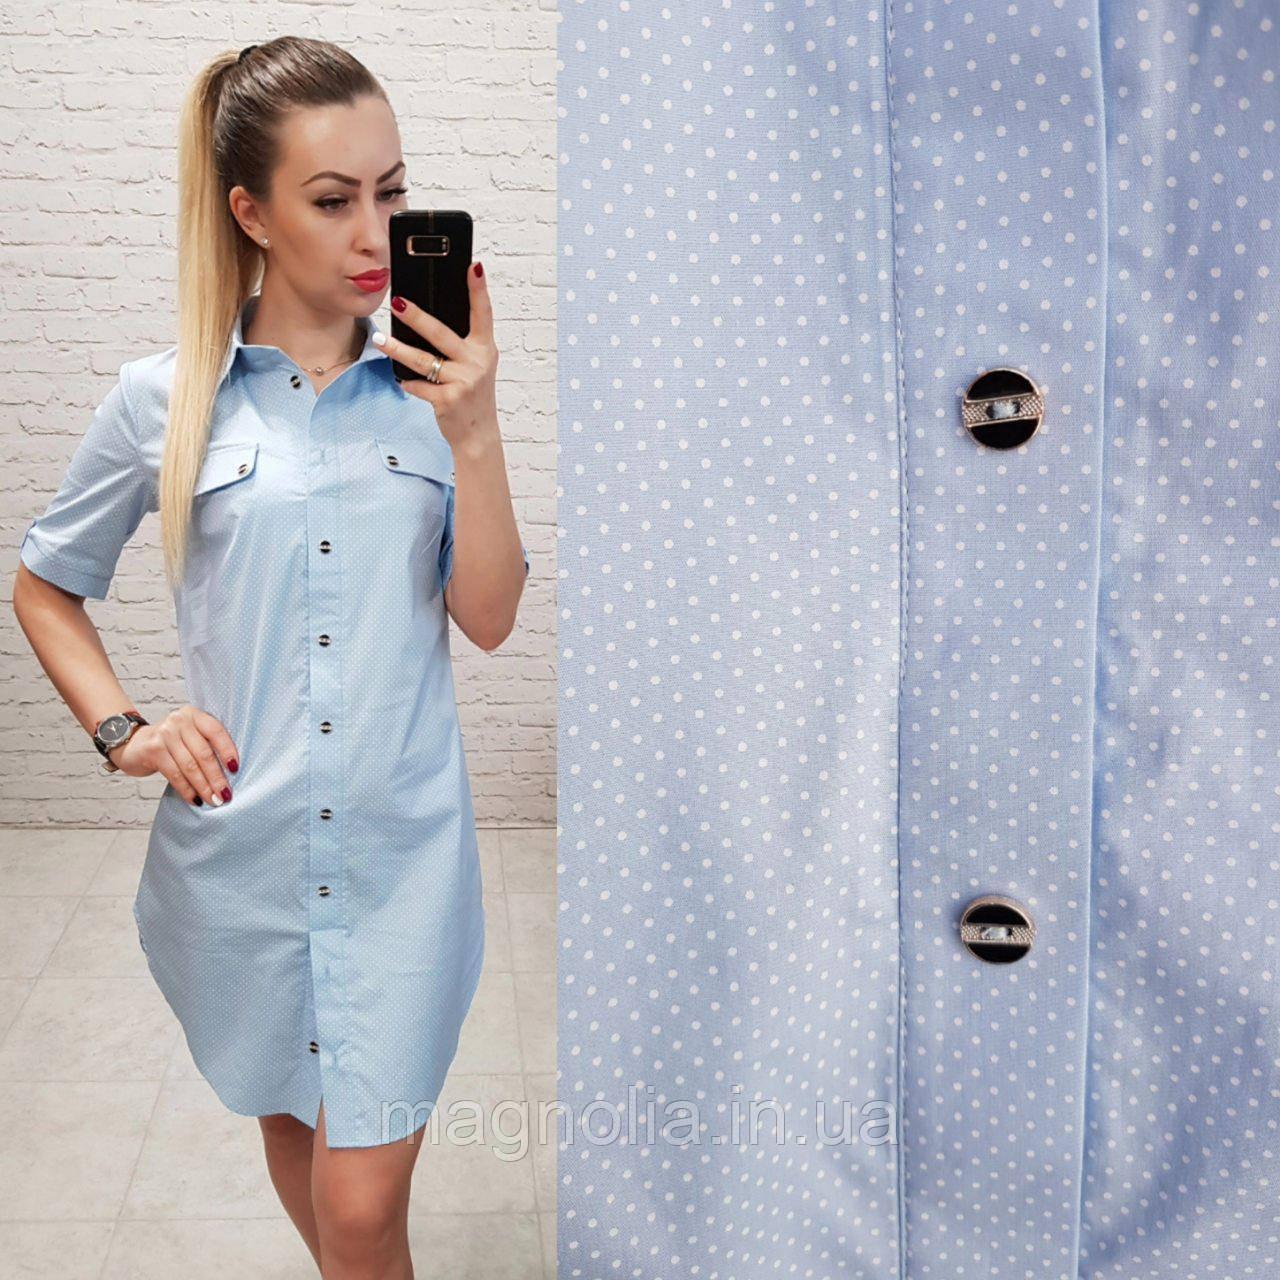 Платье - рубашка  арт 827 голубое  в точечку